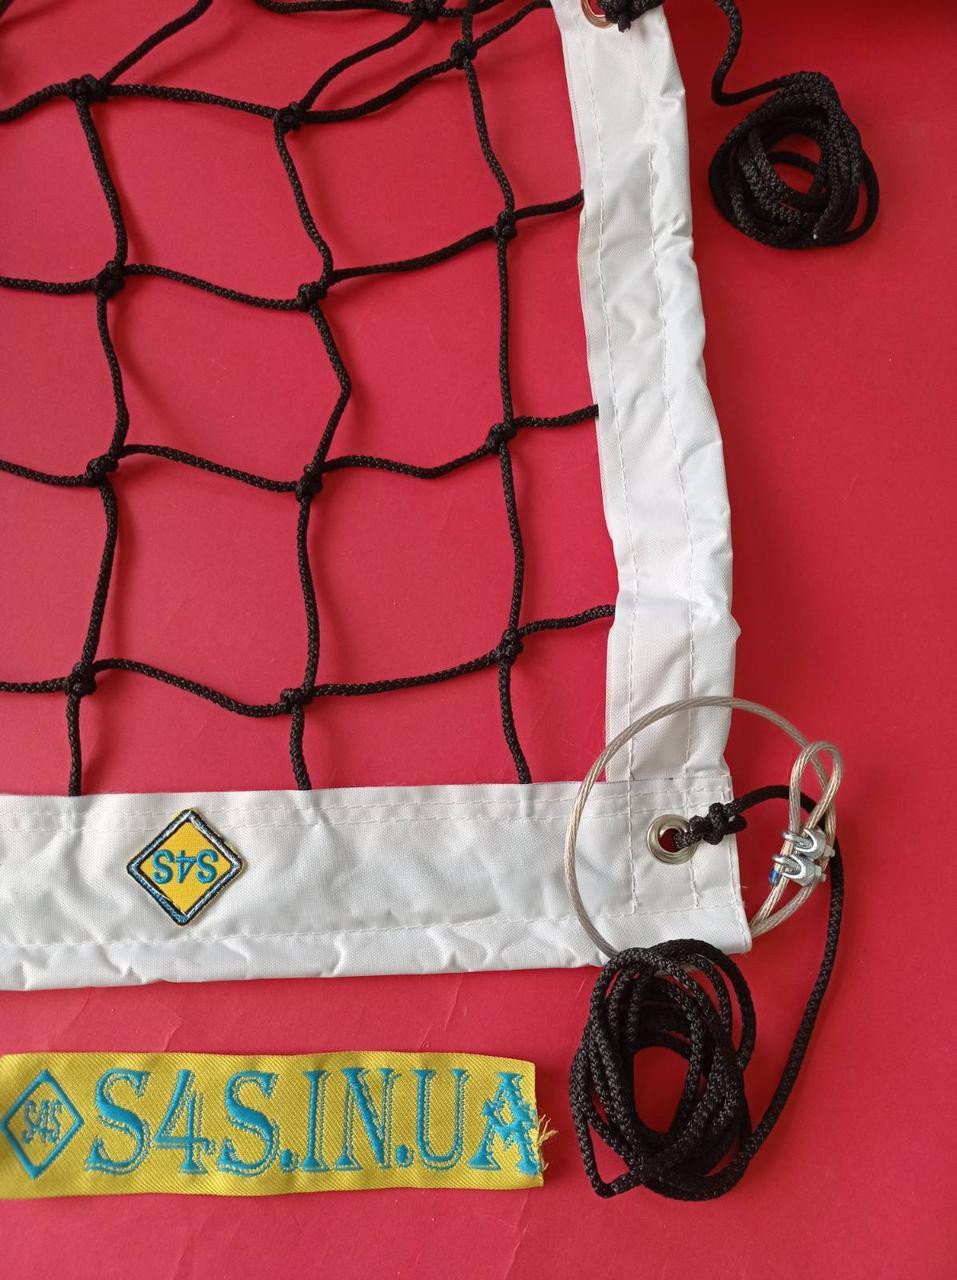 Сітка для класичного волейболу «ЕЛІТ 10 НОРМА» з тросом чорно-біла, прогумована обшивка, Залишки №111